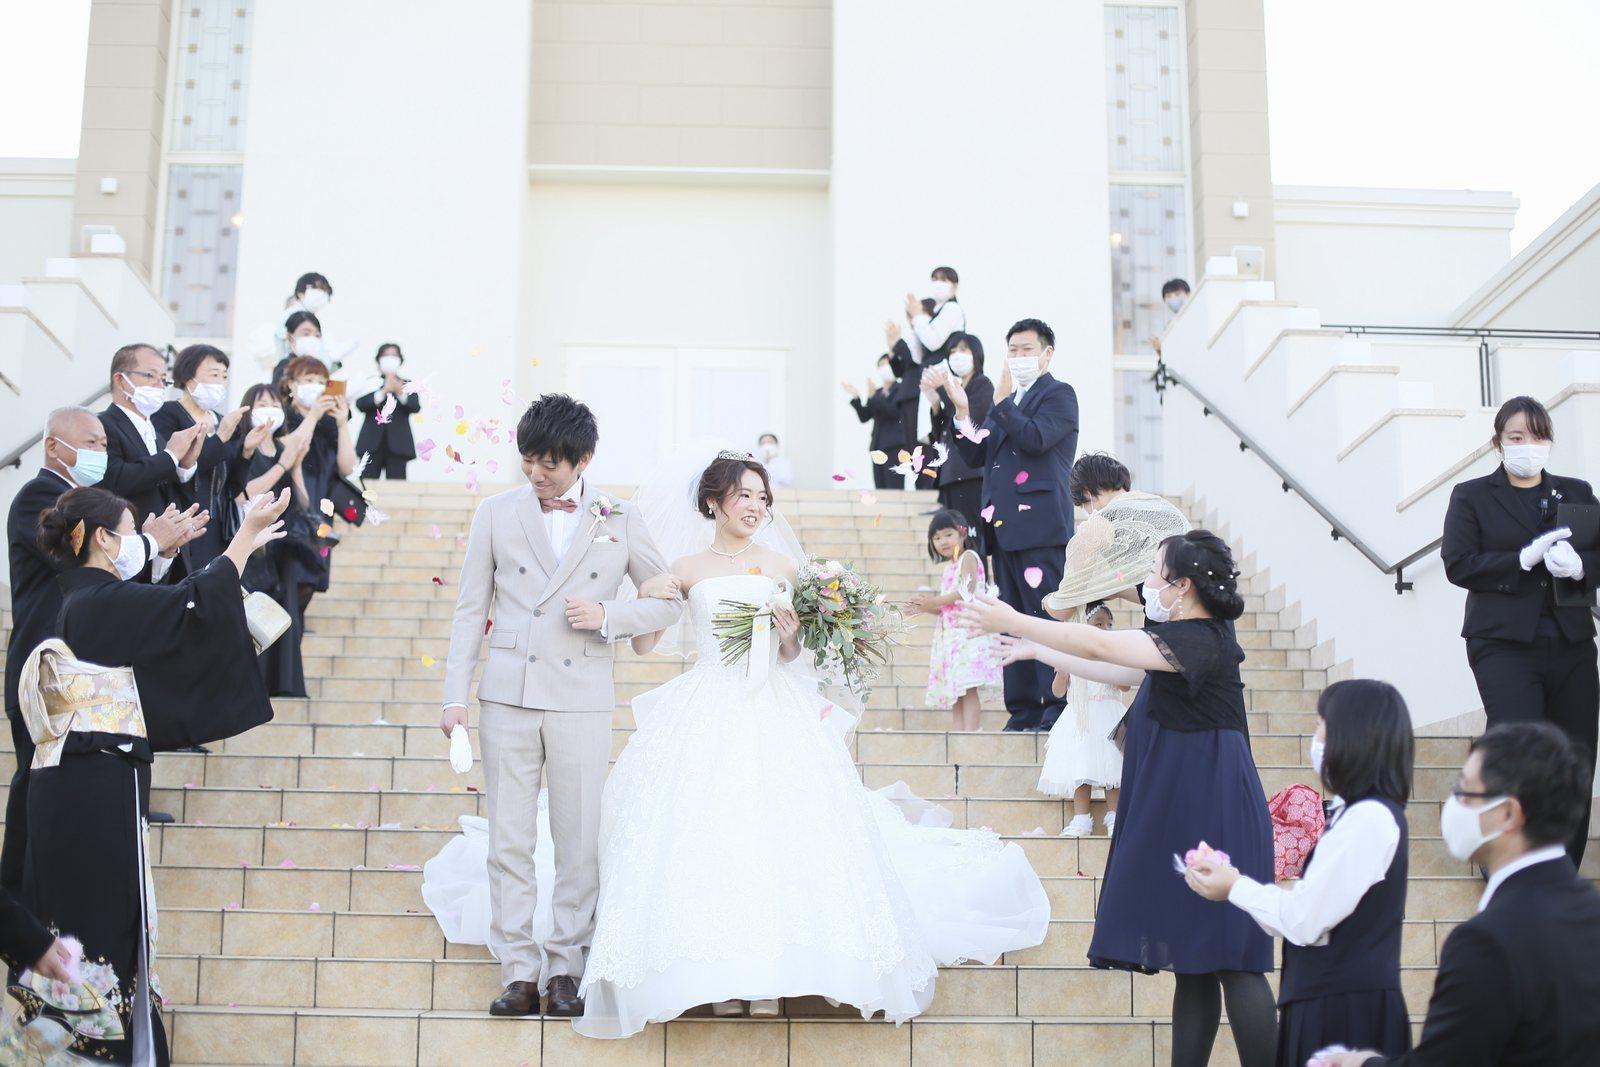 徳島県の結婚式場ブランアンジュの大階段でフラワーシャワーの祝福を受ける新郎新婦